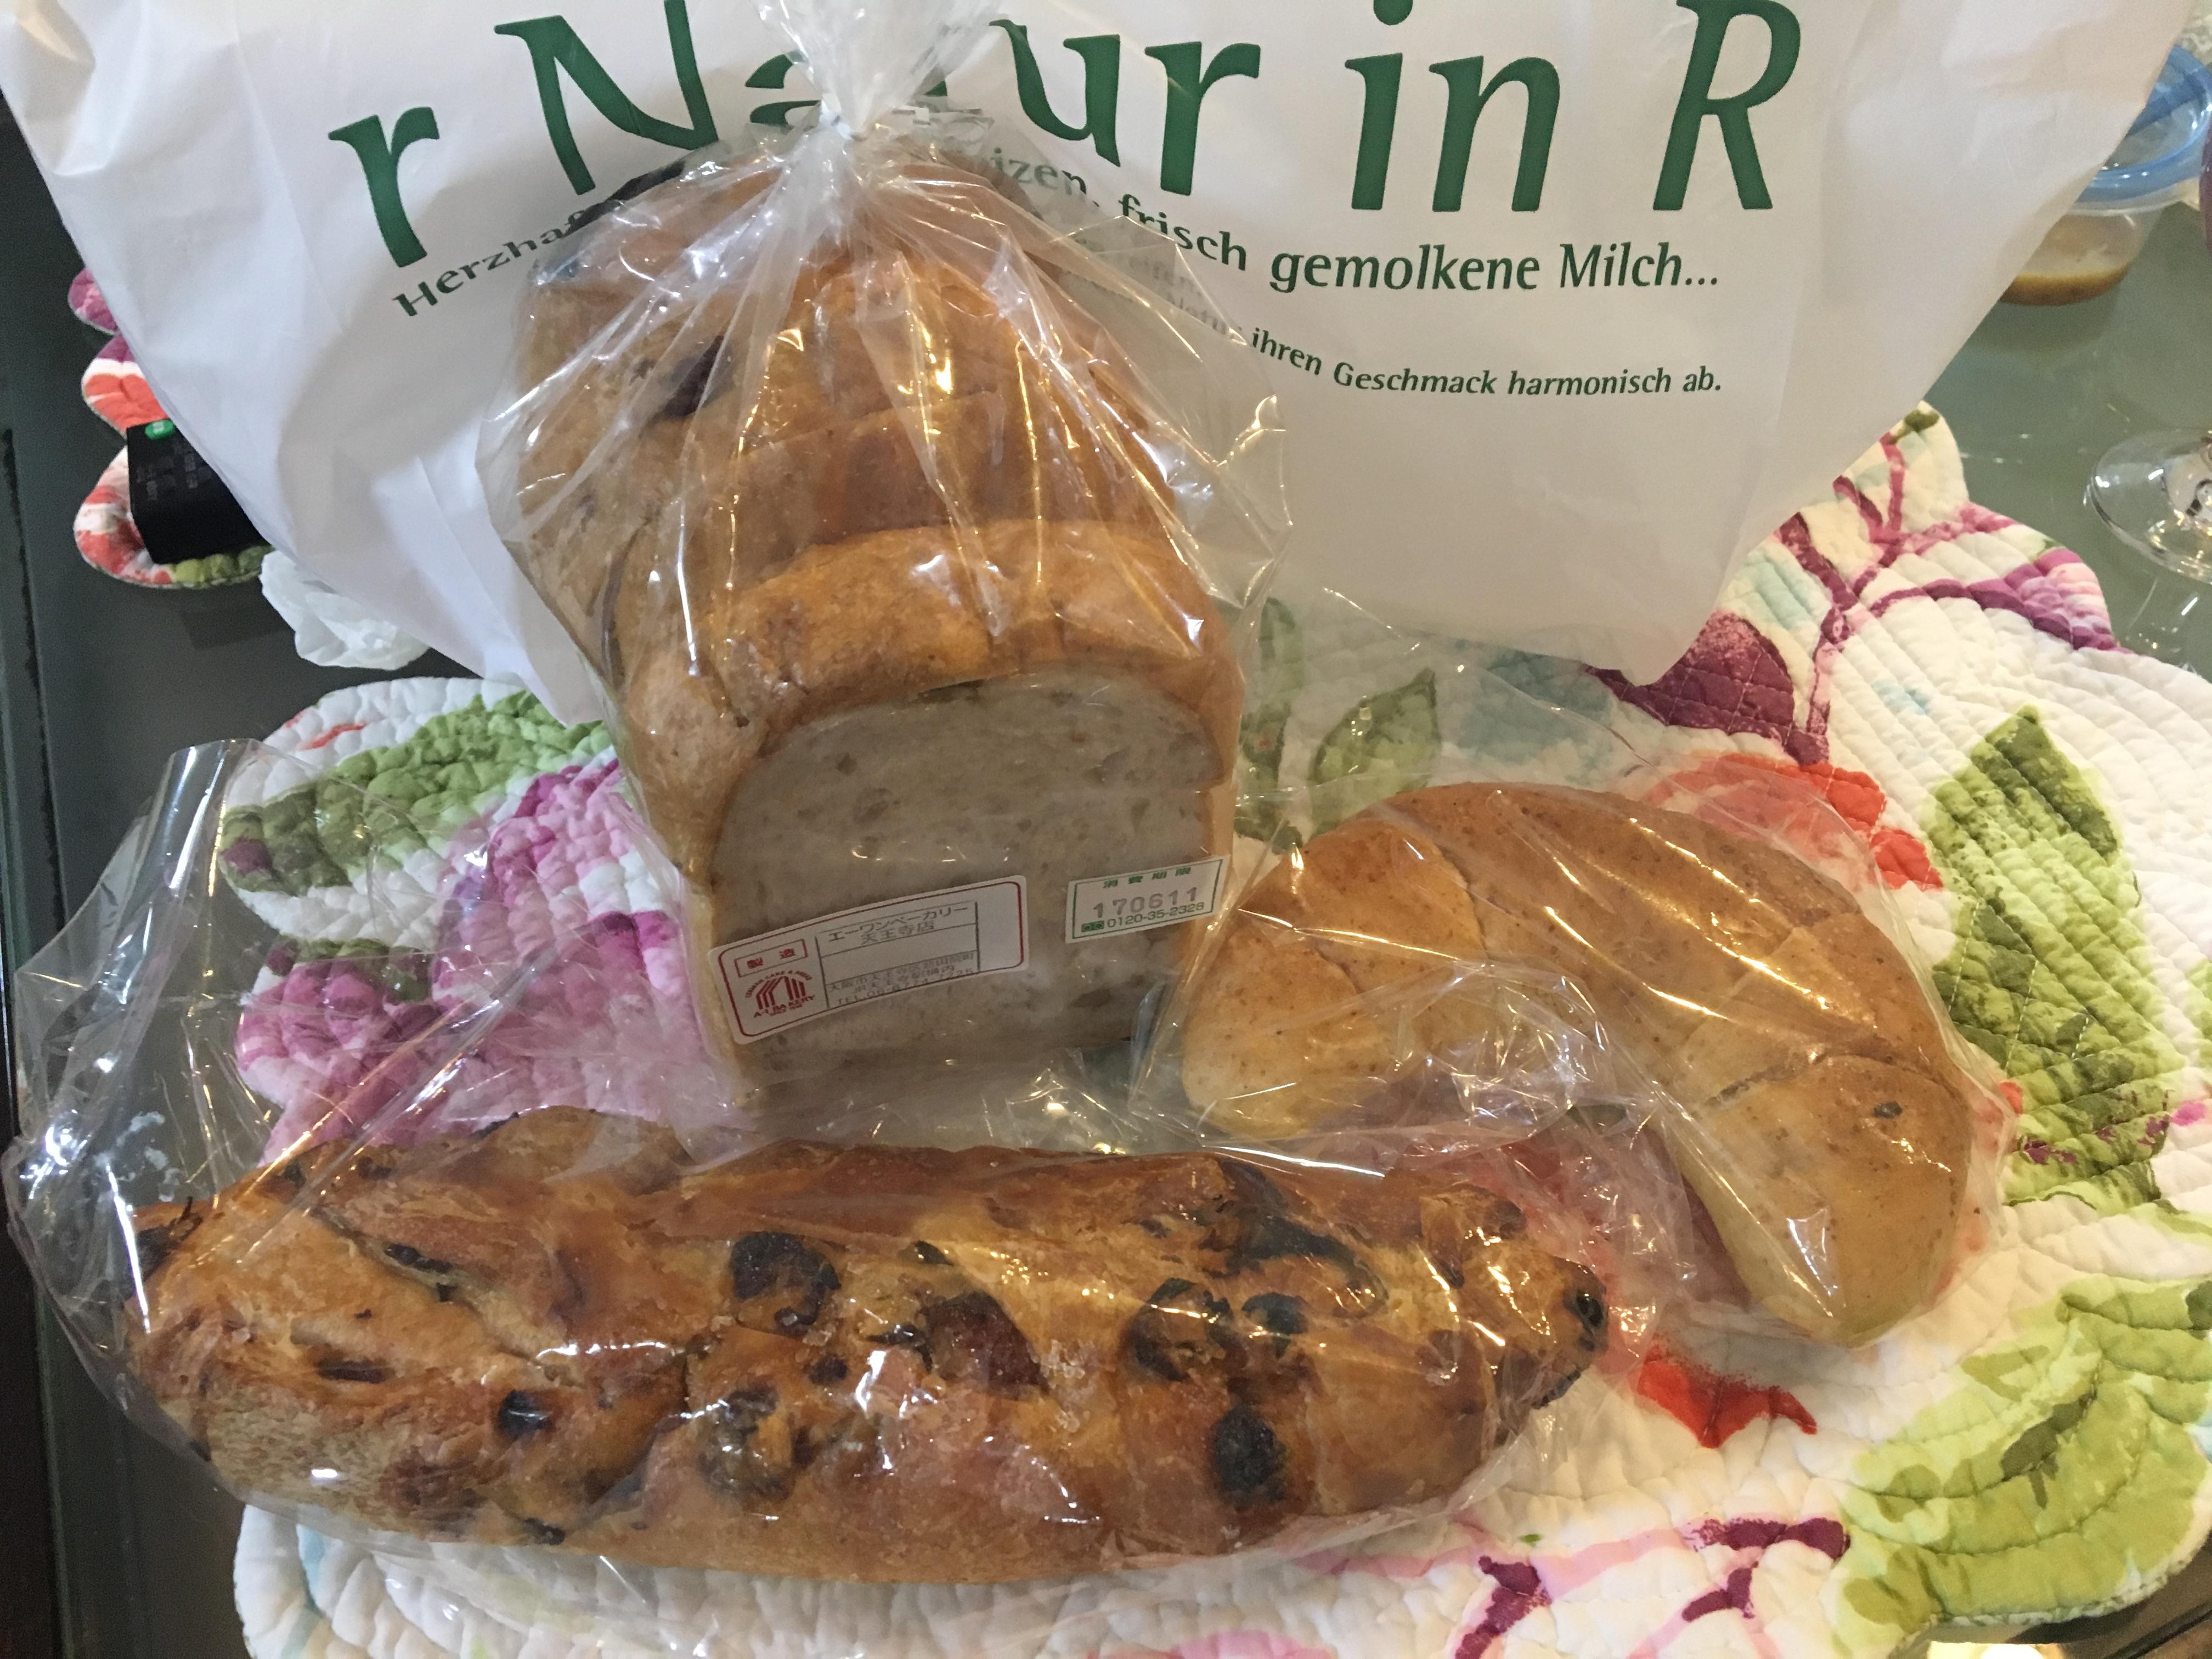 [ブログ]耳つぼ痩身法9kg成功の天王寺区のNさんから美味しいパン頂きました(^_^)